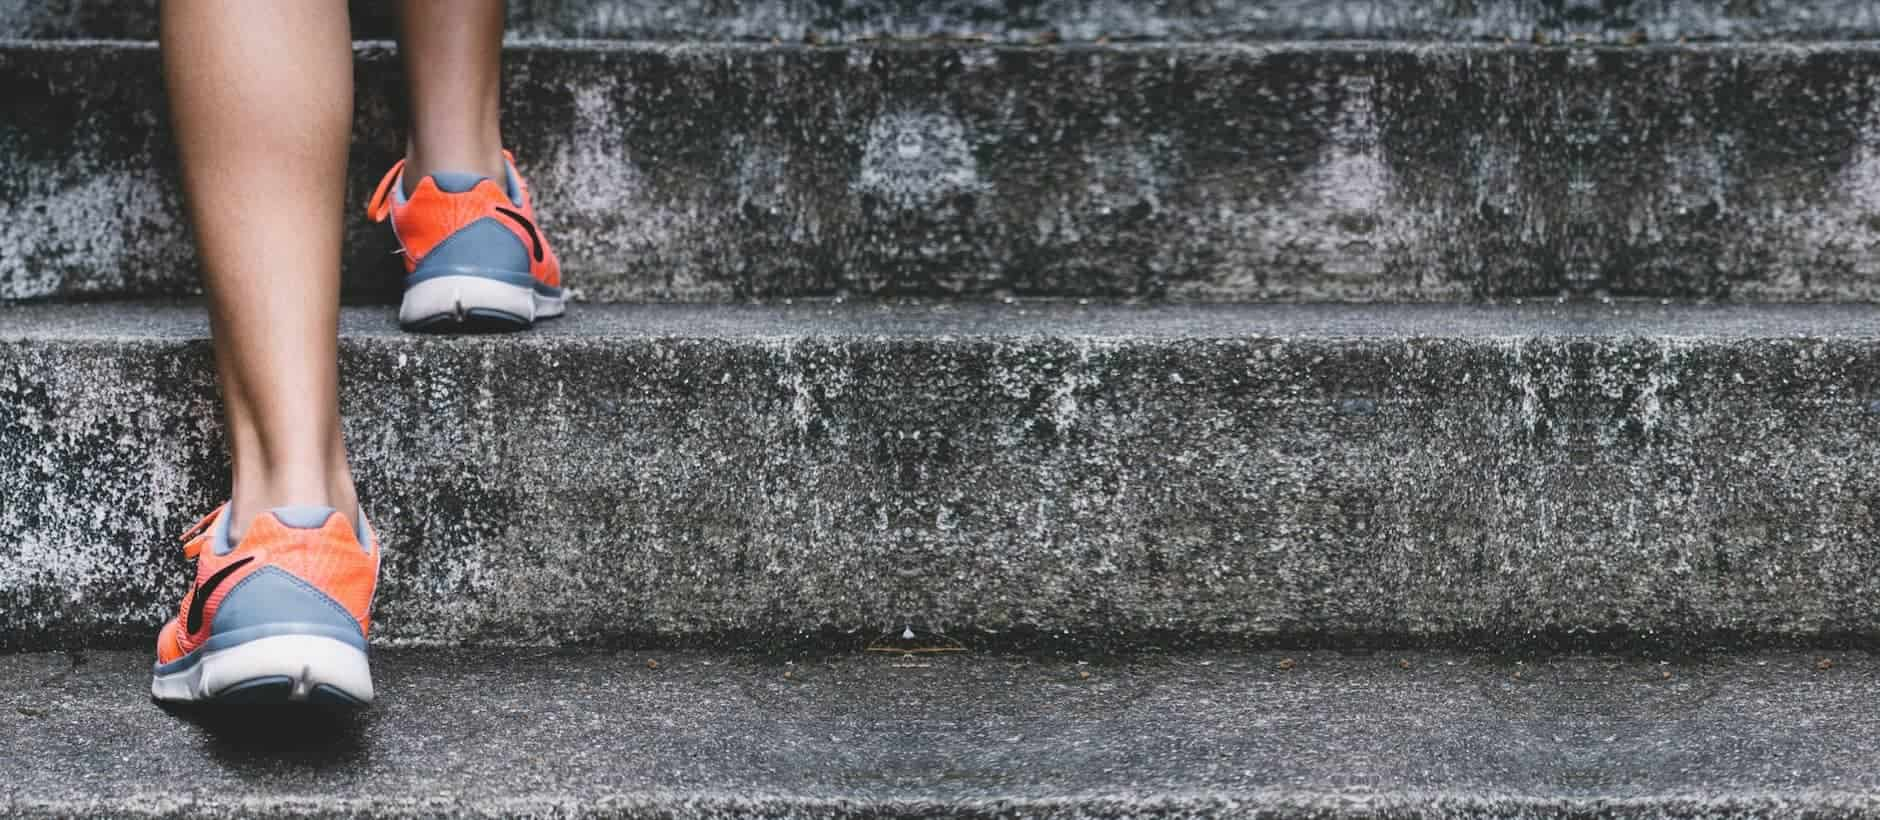 Steps Homepage BG_1800x820C